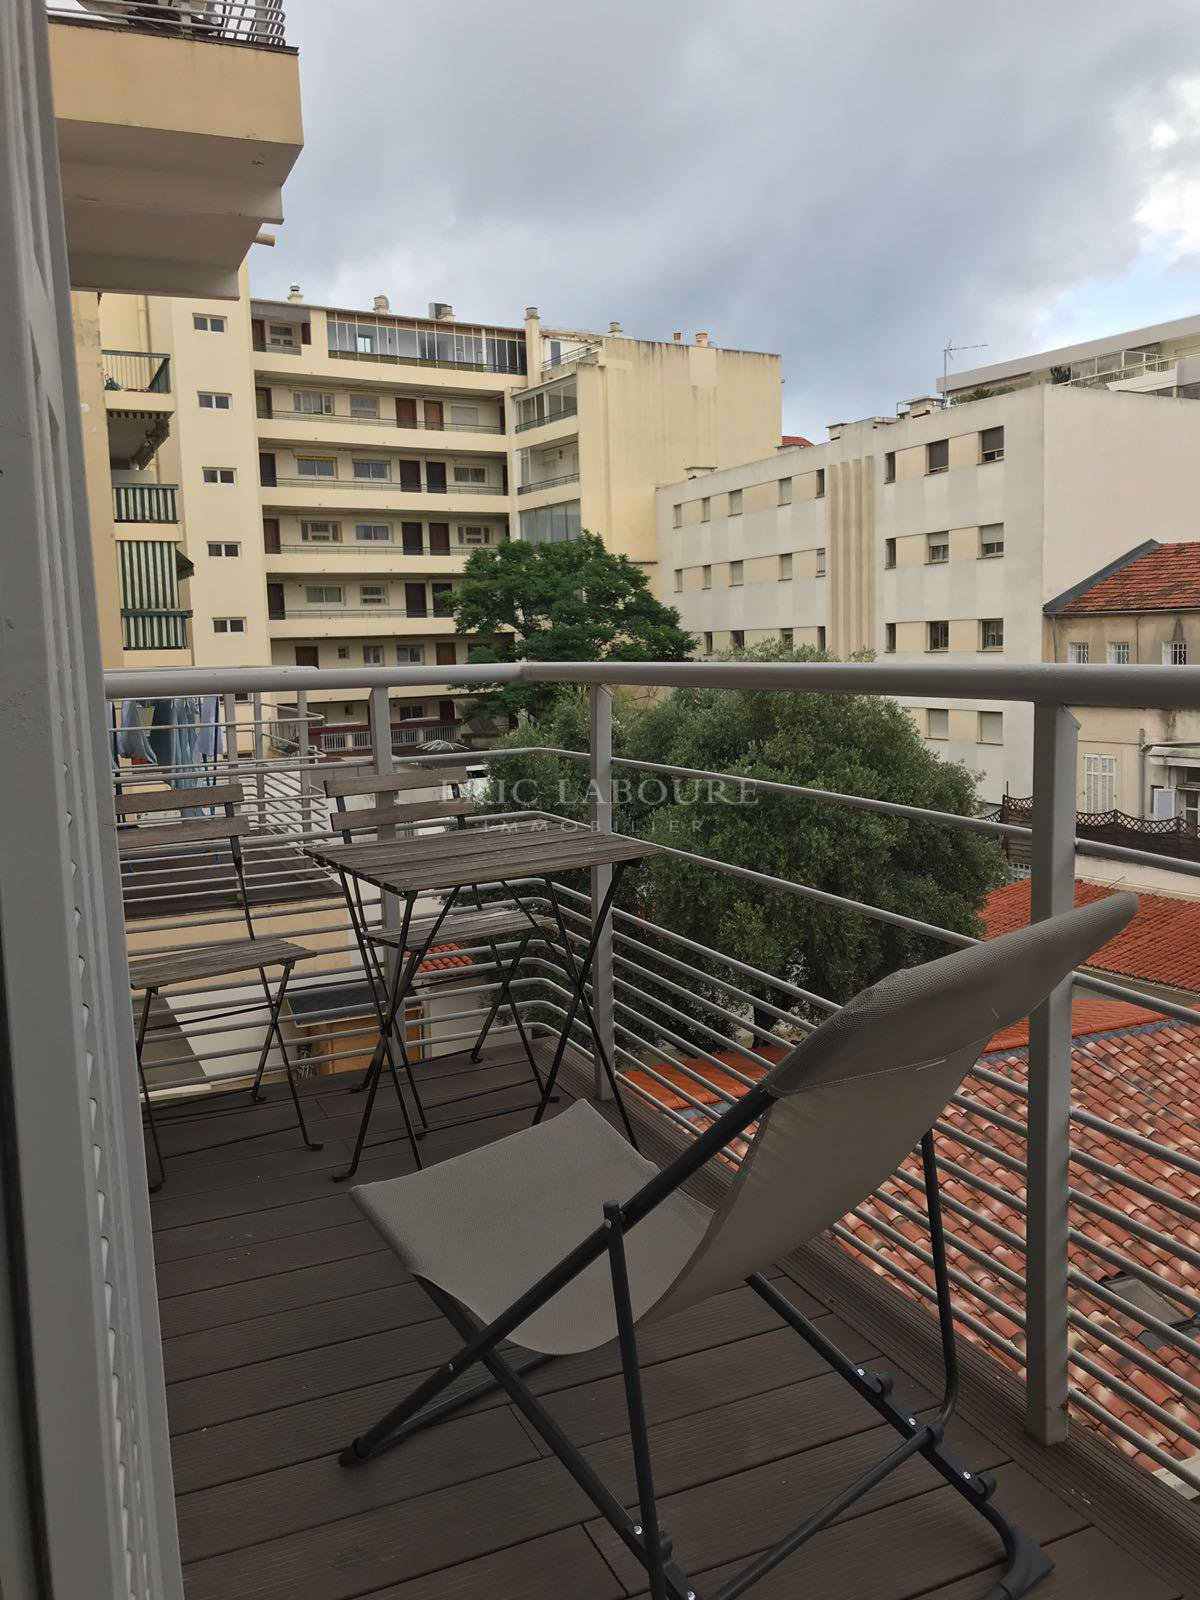 Appartement rue d'Antibes - 2 chambres - location saisonnière Cannes